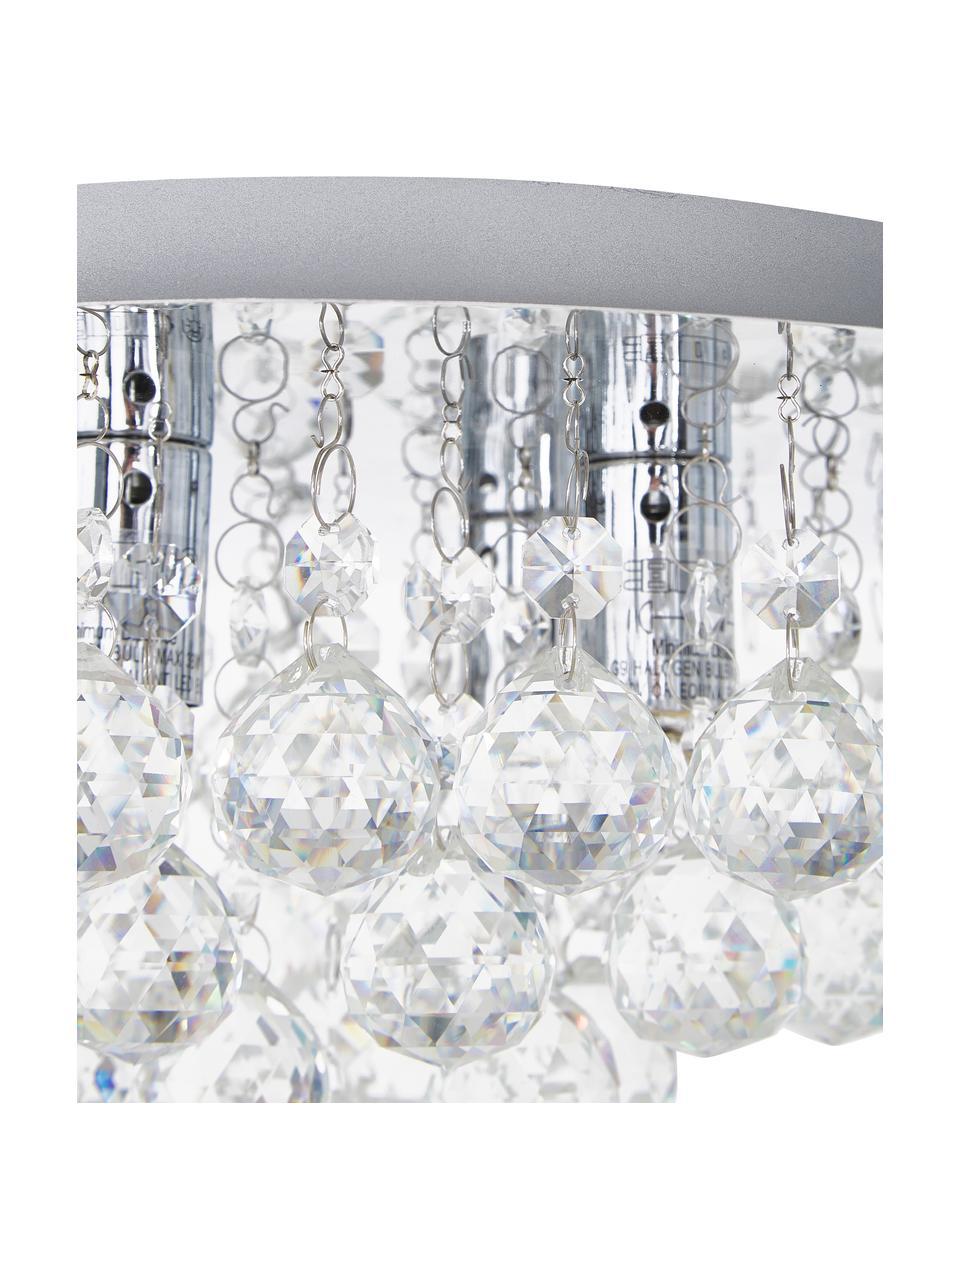 Kristall-Deckenleuchte Helena, Baldachin: Metall, verchromt, Dekor: Glas, Silber, Ø 45 x H 20 cm